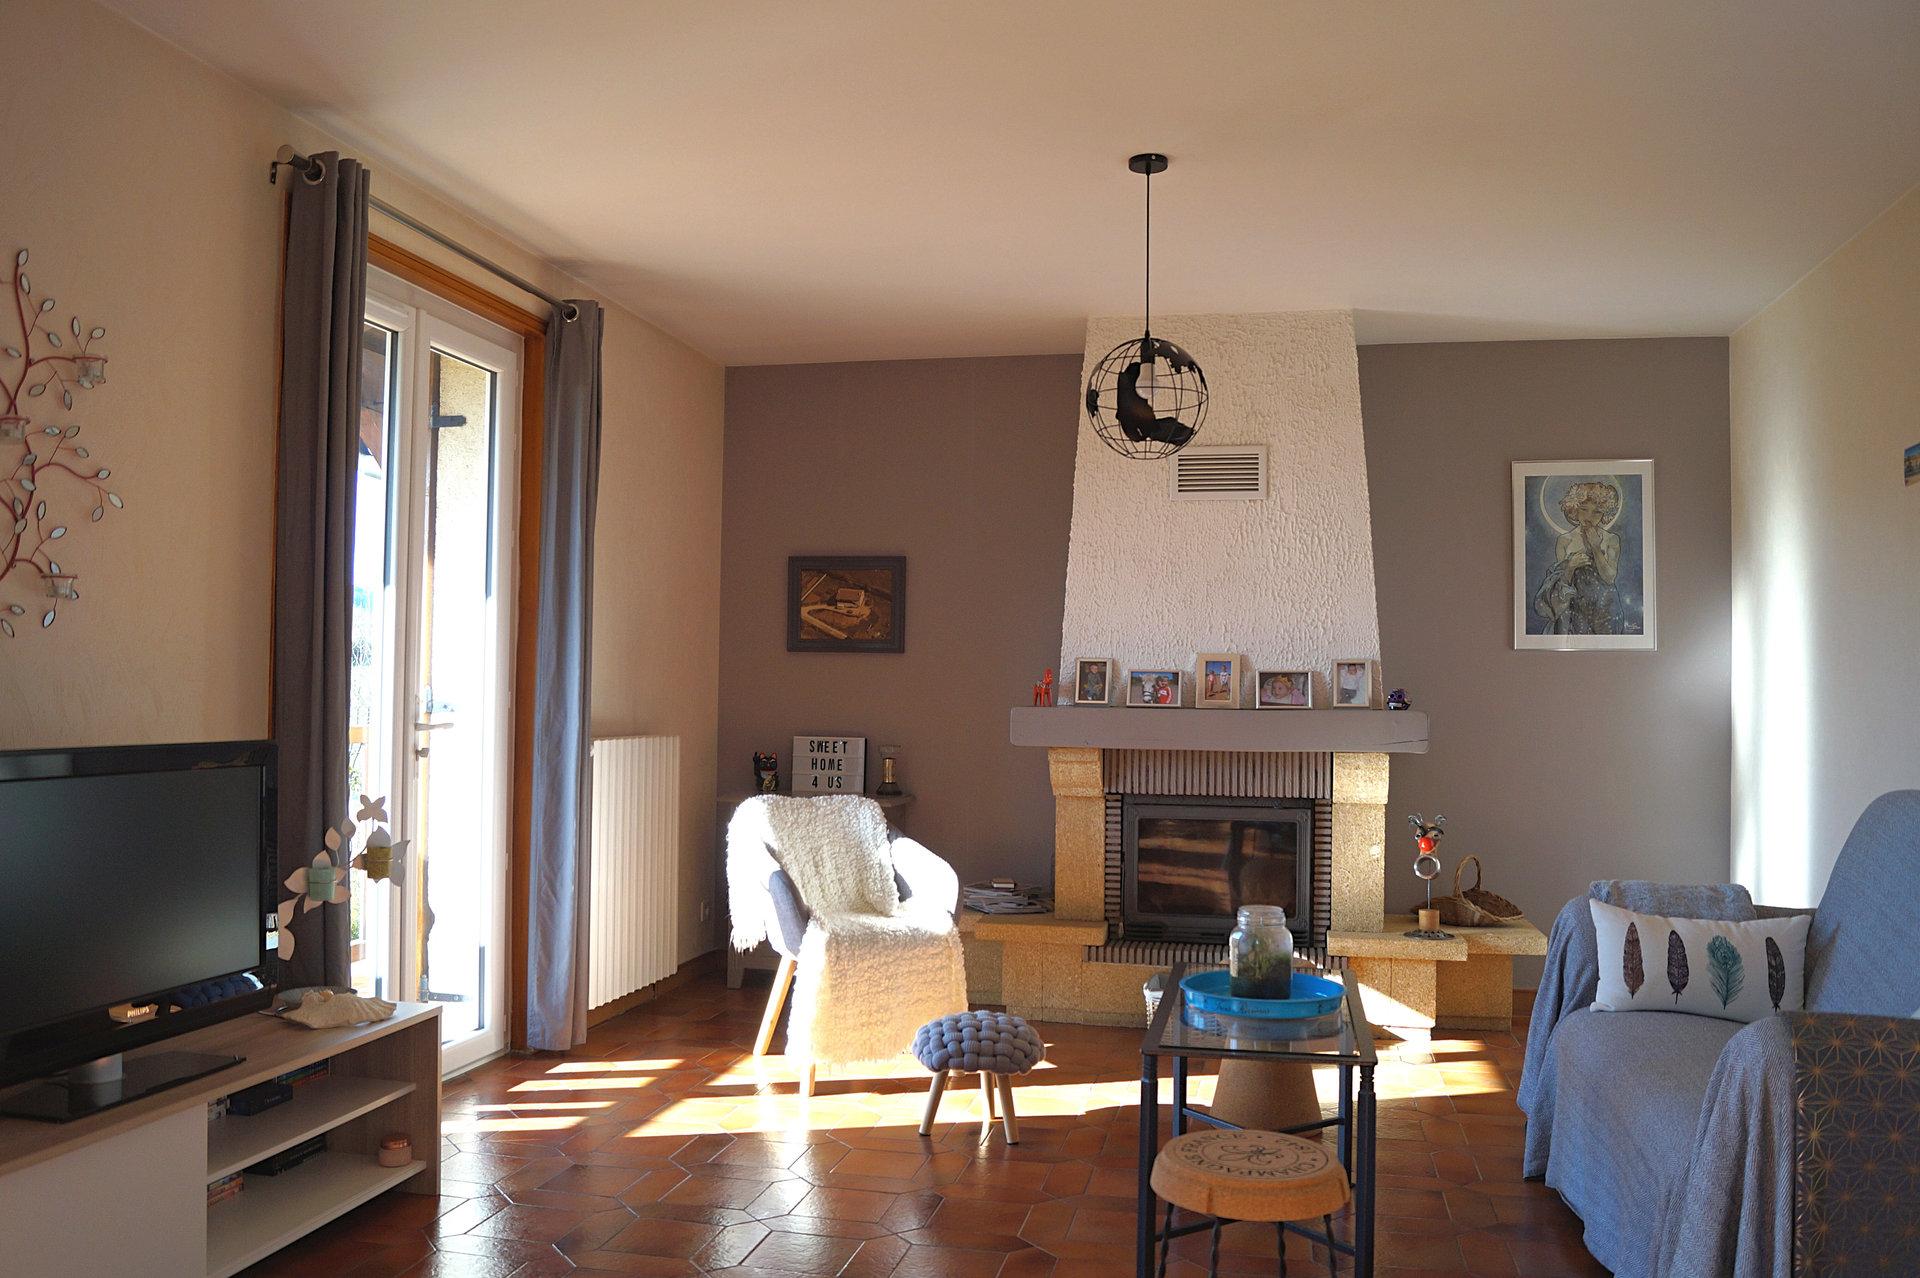 Proche d'un bourg et de ses commerces, à seulement 15 min de MACON, découvrez cette maison traditionnelle de 122 m² environ, bénéficiant d'une belle vue privilégiée. Elevée sur sous-sol complet, elle comprend un séjour double avec cheminée, une cuisine indépendante équipée, 3 chambres dont une de 17 m² environ, une salle de bains et un WC. Le sous-sol semi-enterré comprend un garage, un atelier, une buanderie, une cave et deux pièces habitables. Vous apprécierez son grand terrain de 1978 m² et l'absence de vis-à-vis. De nombreux travaux de rénovation ont été réalisés : menuiseries PVC double vitrage, portail de garage automatique, pompe à chaleur pour le chauffage central... Une terrasse couverte, un abri de jardin et un abri véhicules viennent compléter cette maison familiale et fonctionnelle. A découvrir au plus vite! Honoraires à la charge du vendeur.